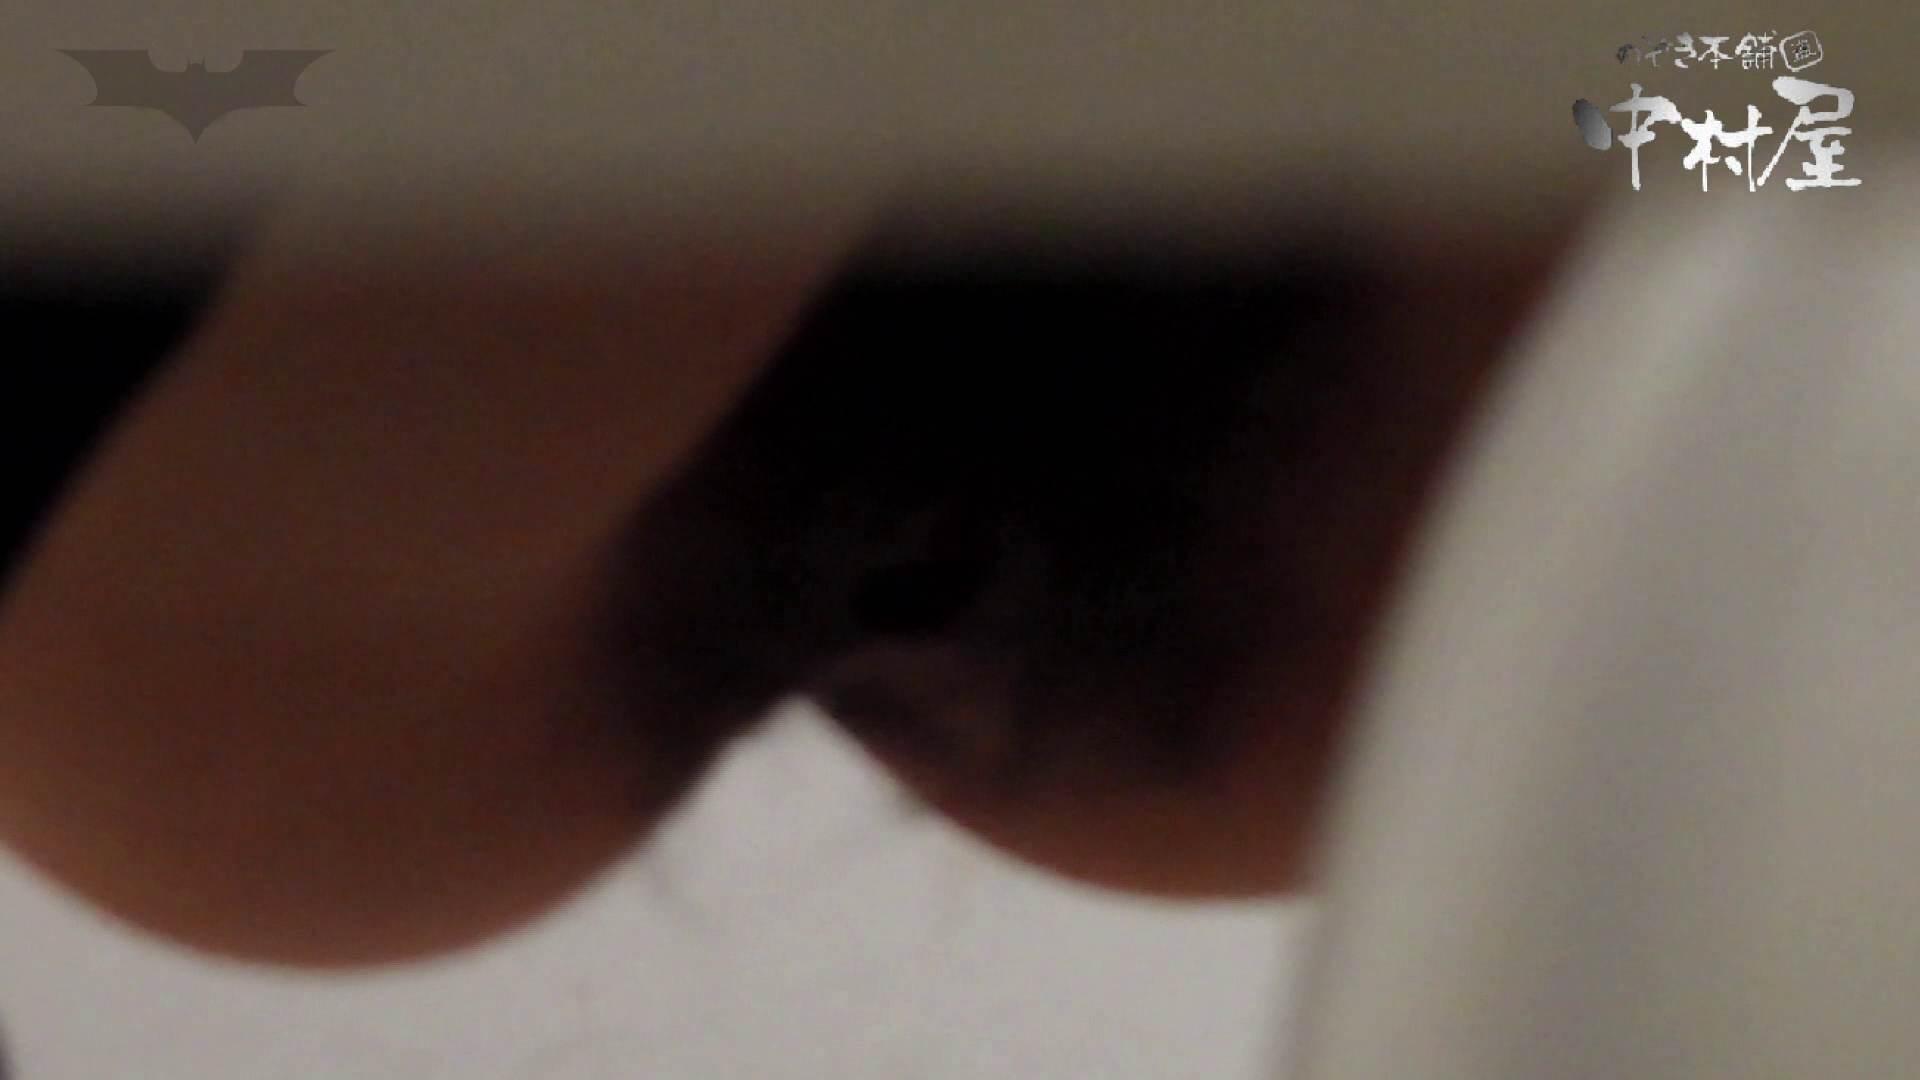 第三体育館潜入撮】第三体育館潜入撮File028 熟女特集!! 美女まとめ AV無料動画キャプチャ 101PIX 80